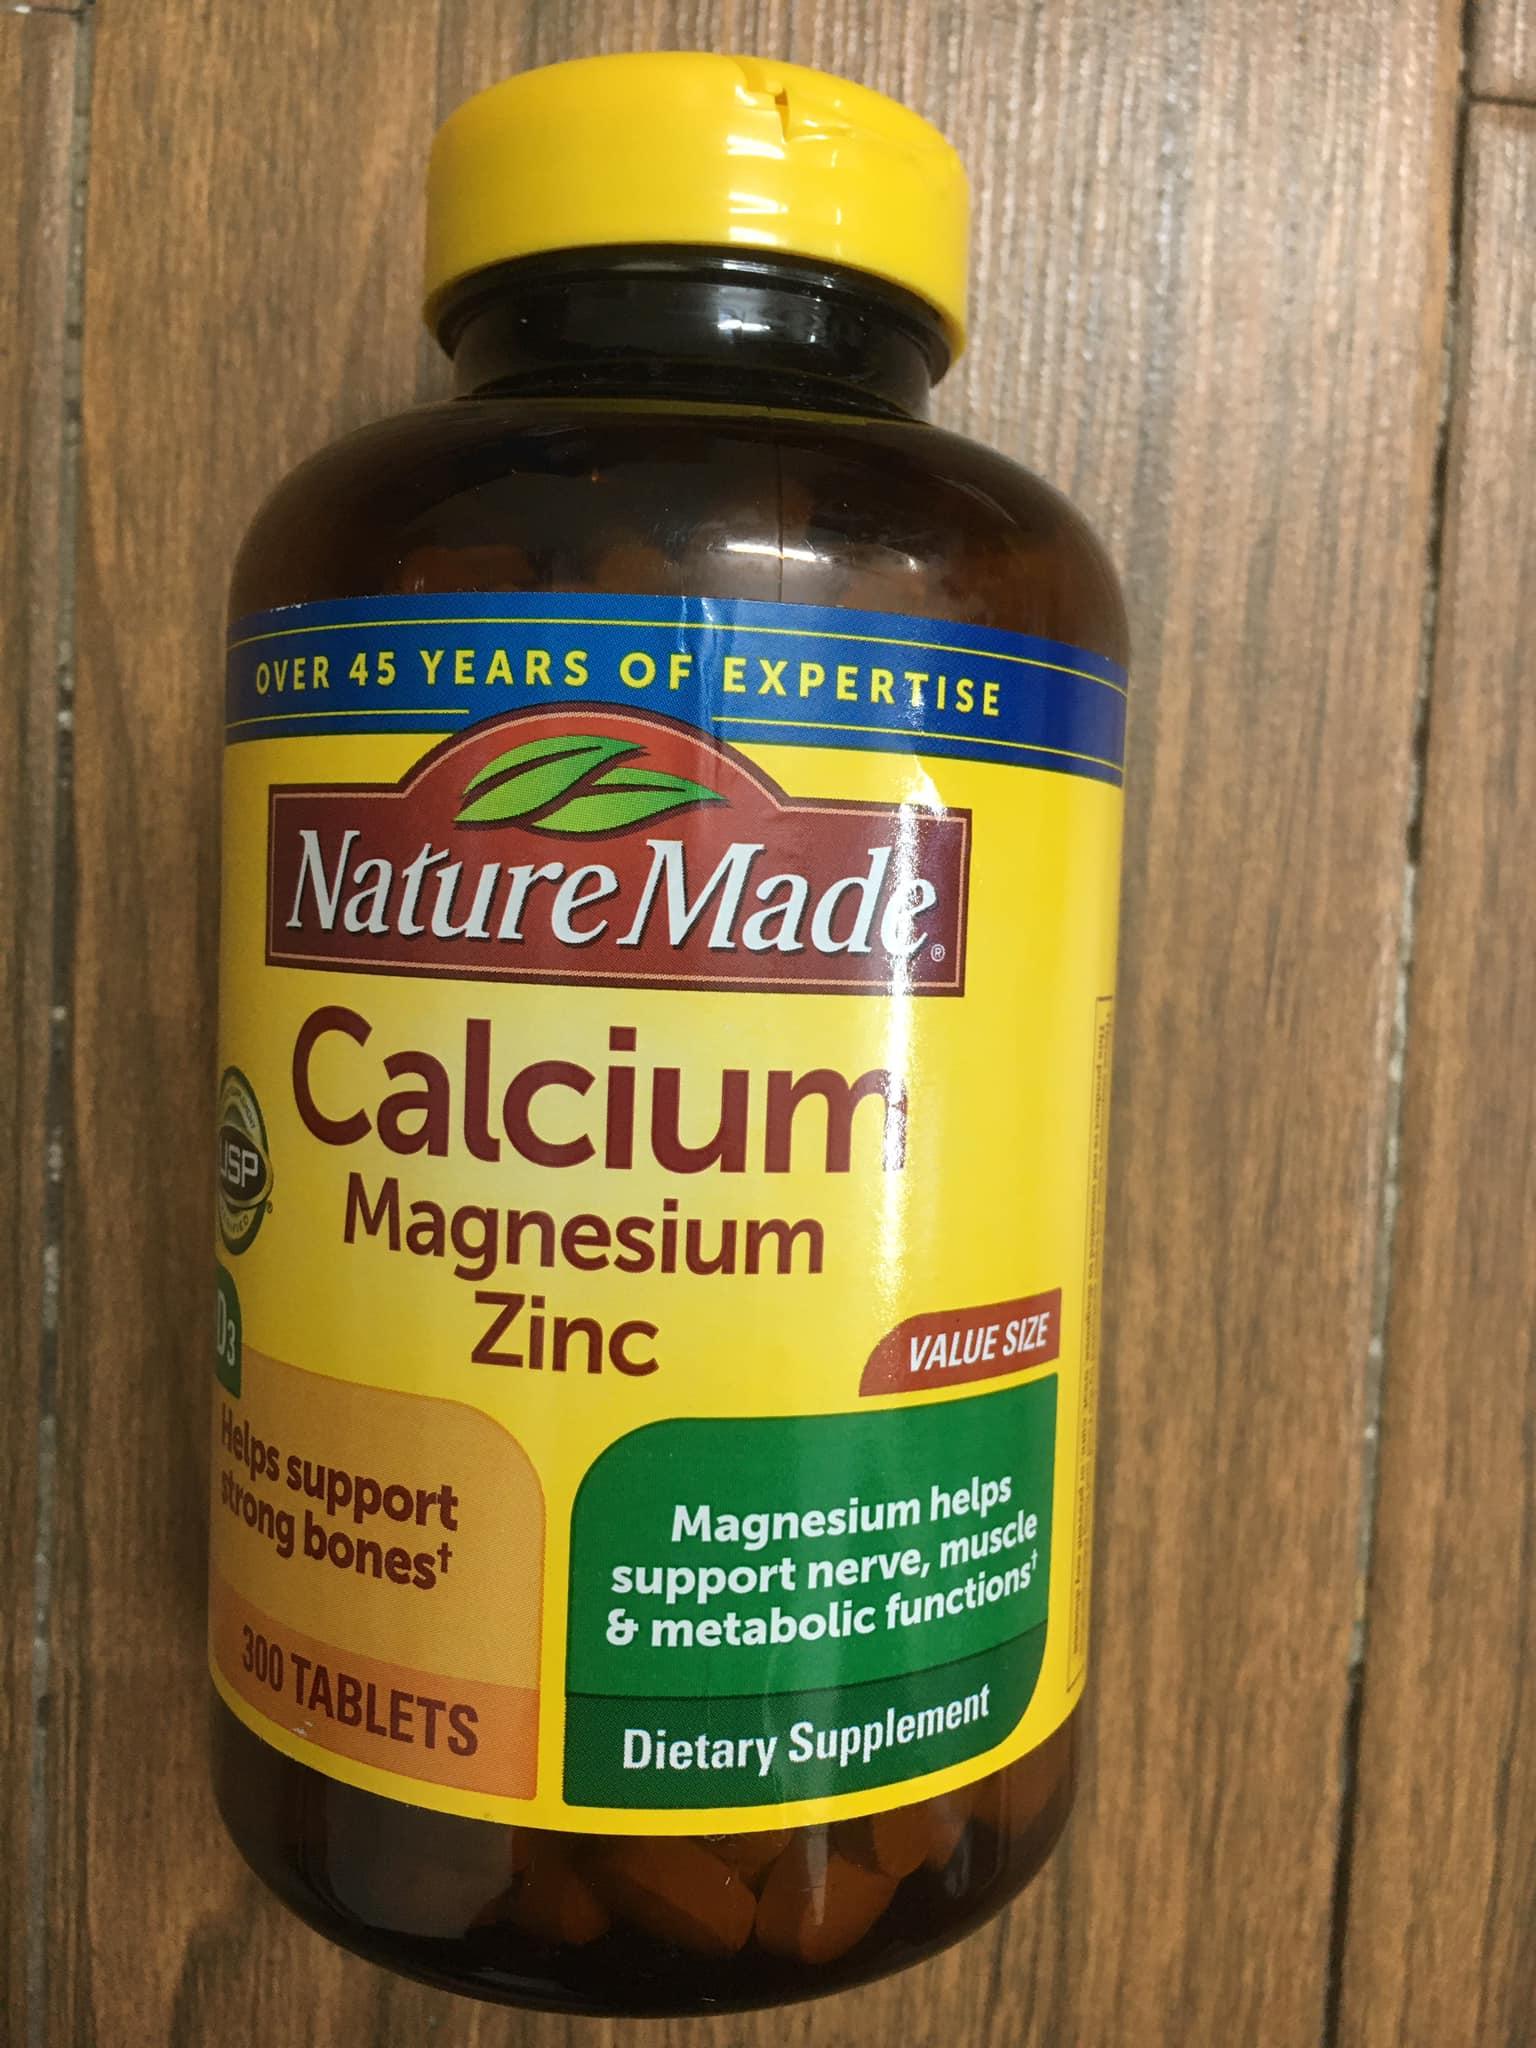 Nature Made Calcium Magnesium Zinc With Vitamin D3, 300 viên